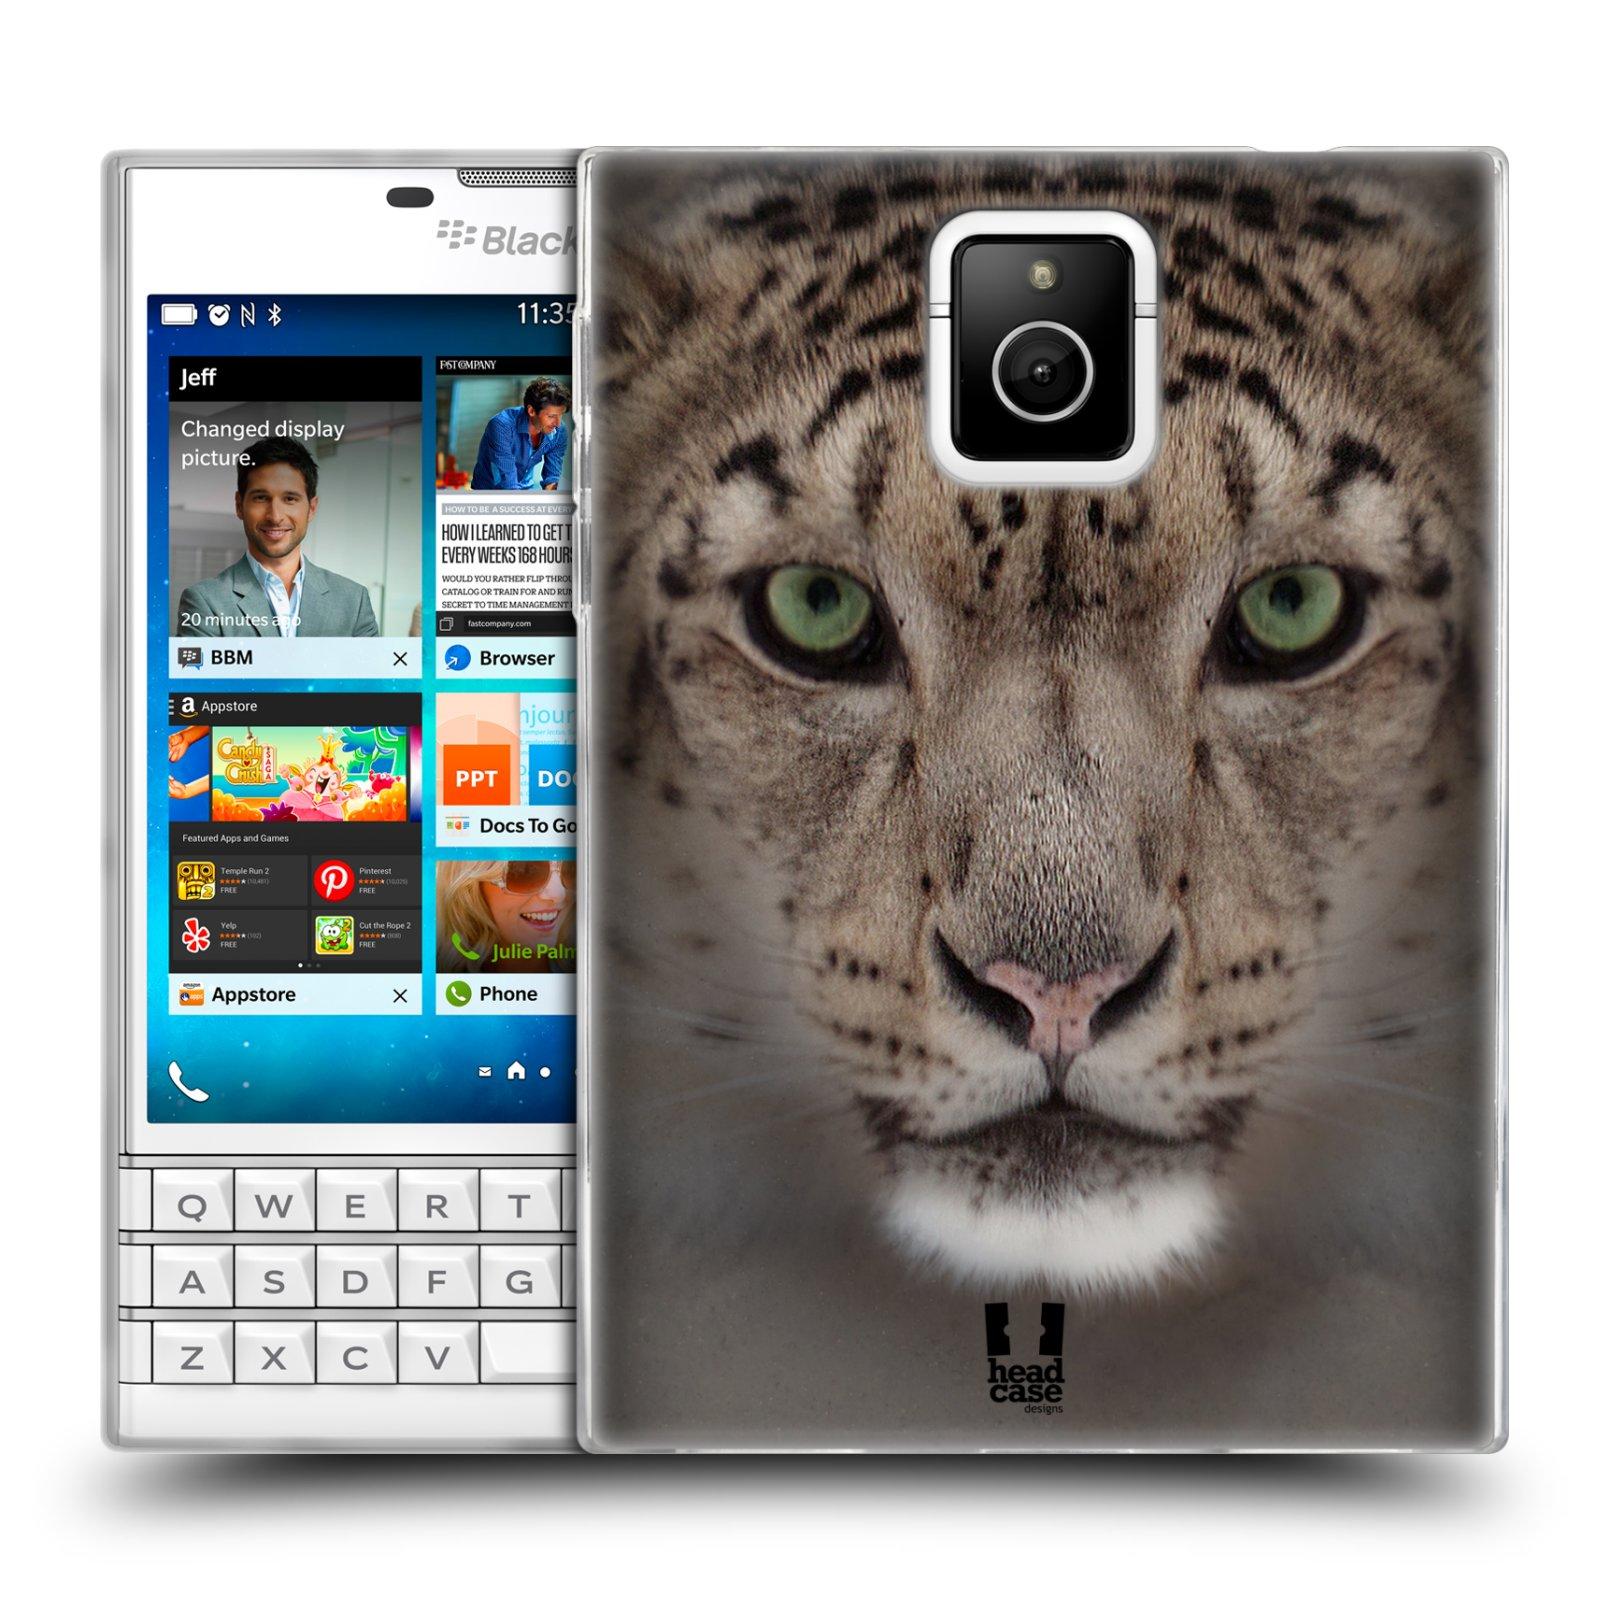 HEAD CASE silikonový obal na mobil Blackberry PASSPORT vzor Zvířecí tváře 2 sněžný leopard